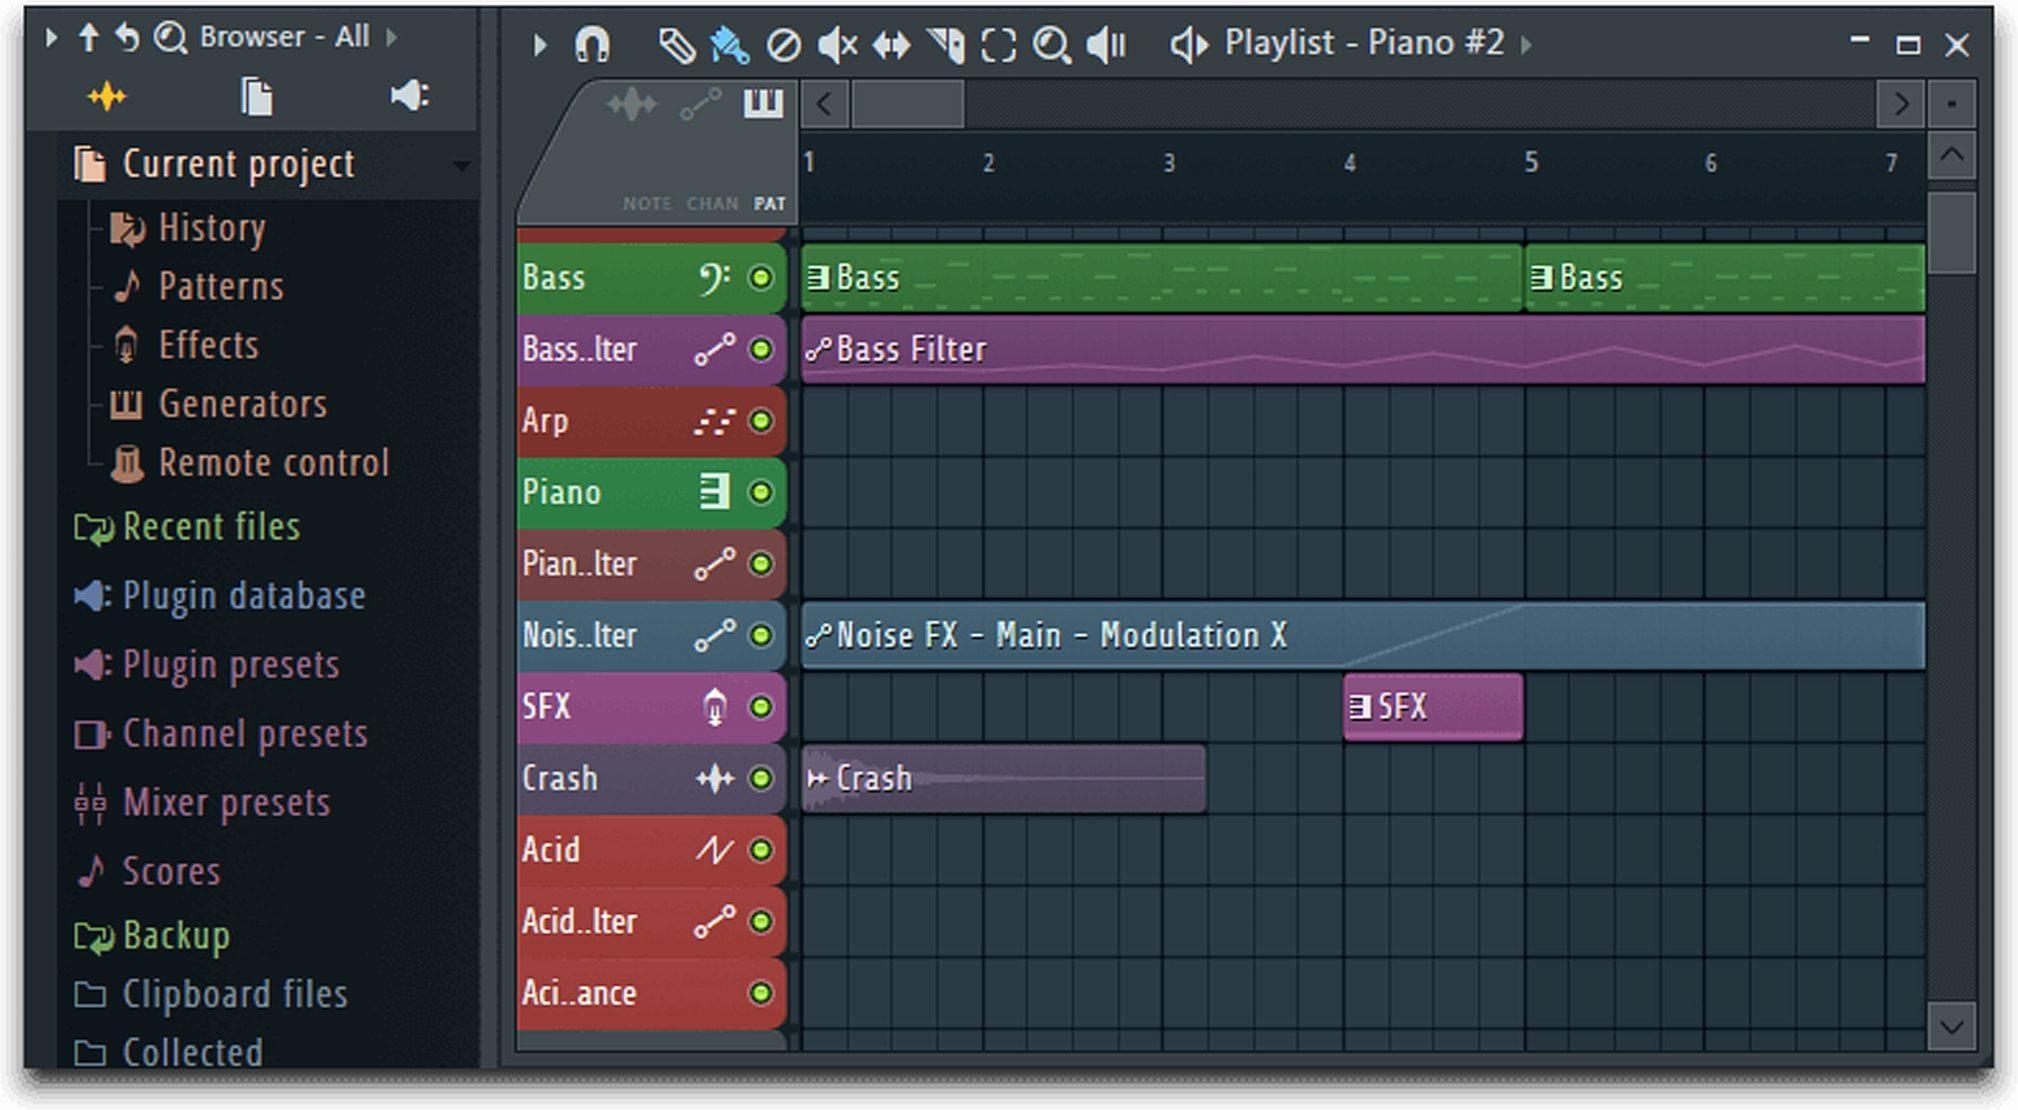 FL Studio 20.5.1.1193 Crack With Keygen Coad Free Download 2019